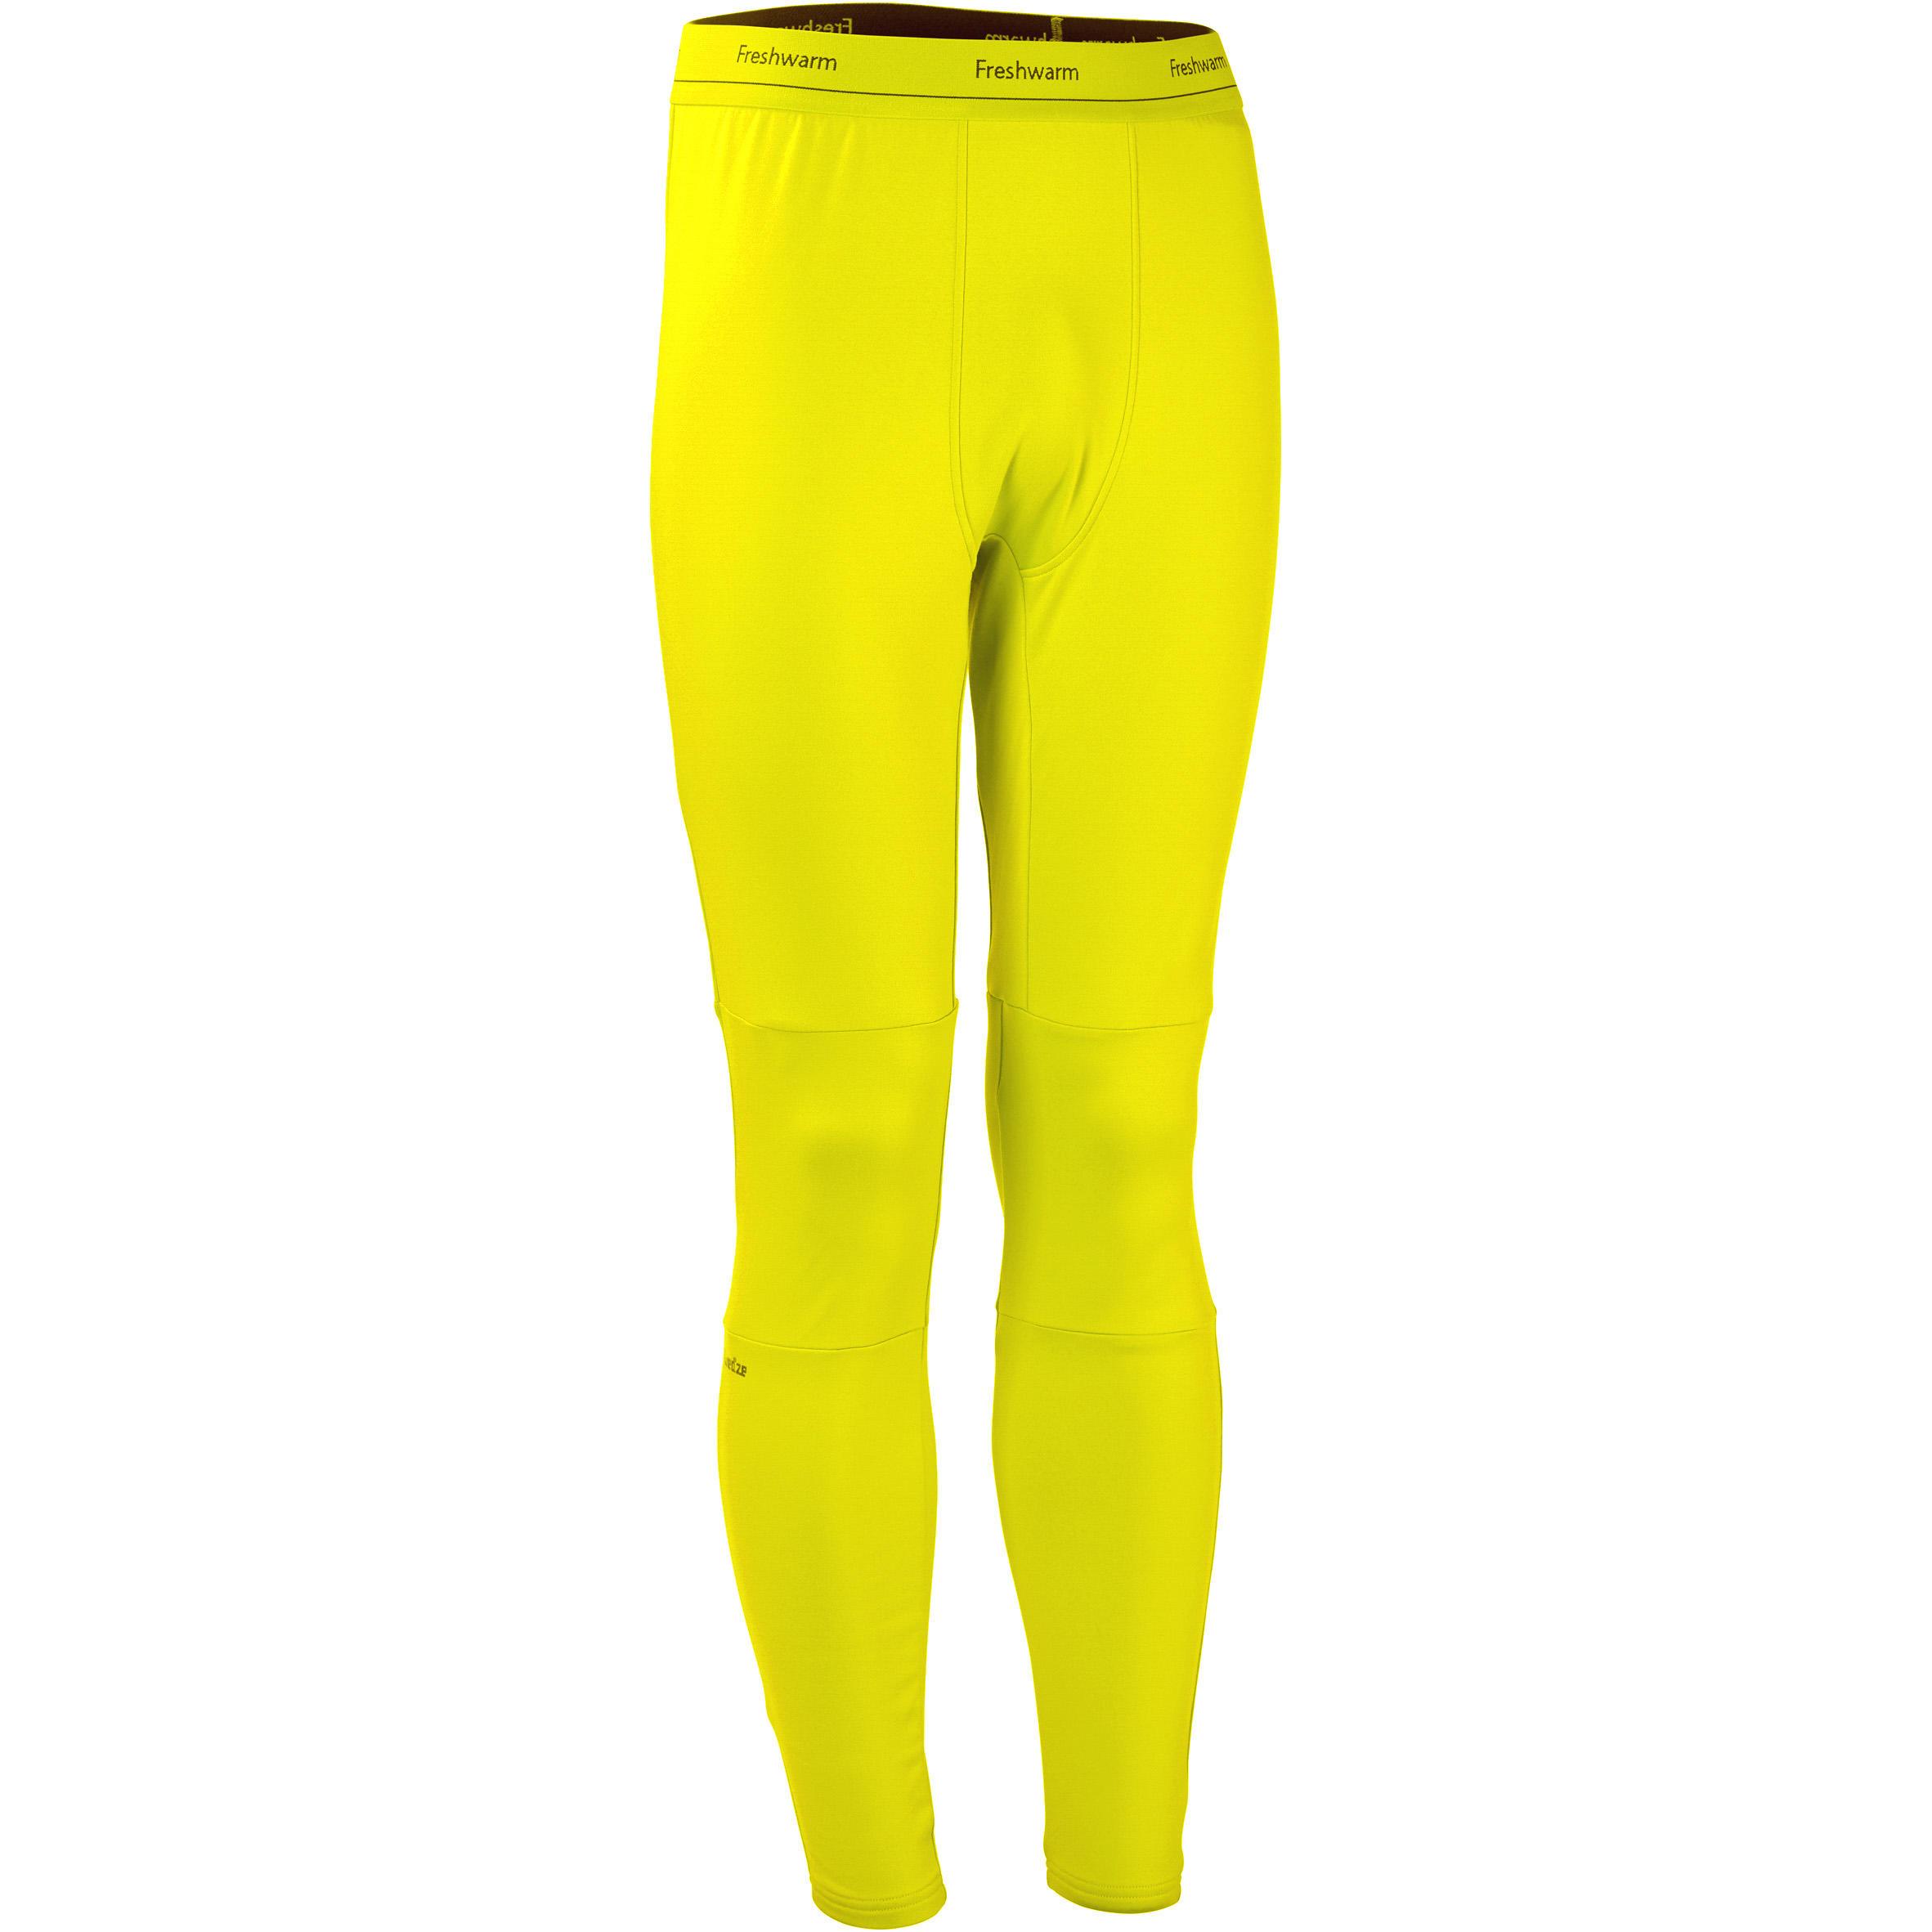 Sous Pantalon Ski Jaune New Freshwarm De Vêtement Homme lJcTFK31